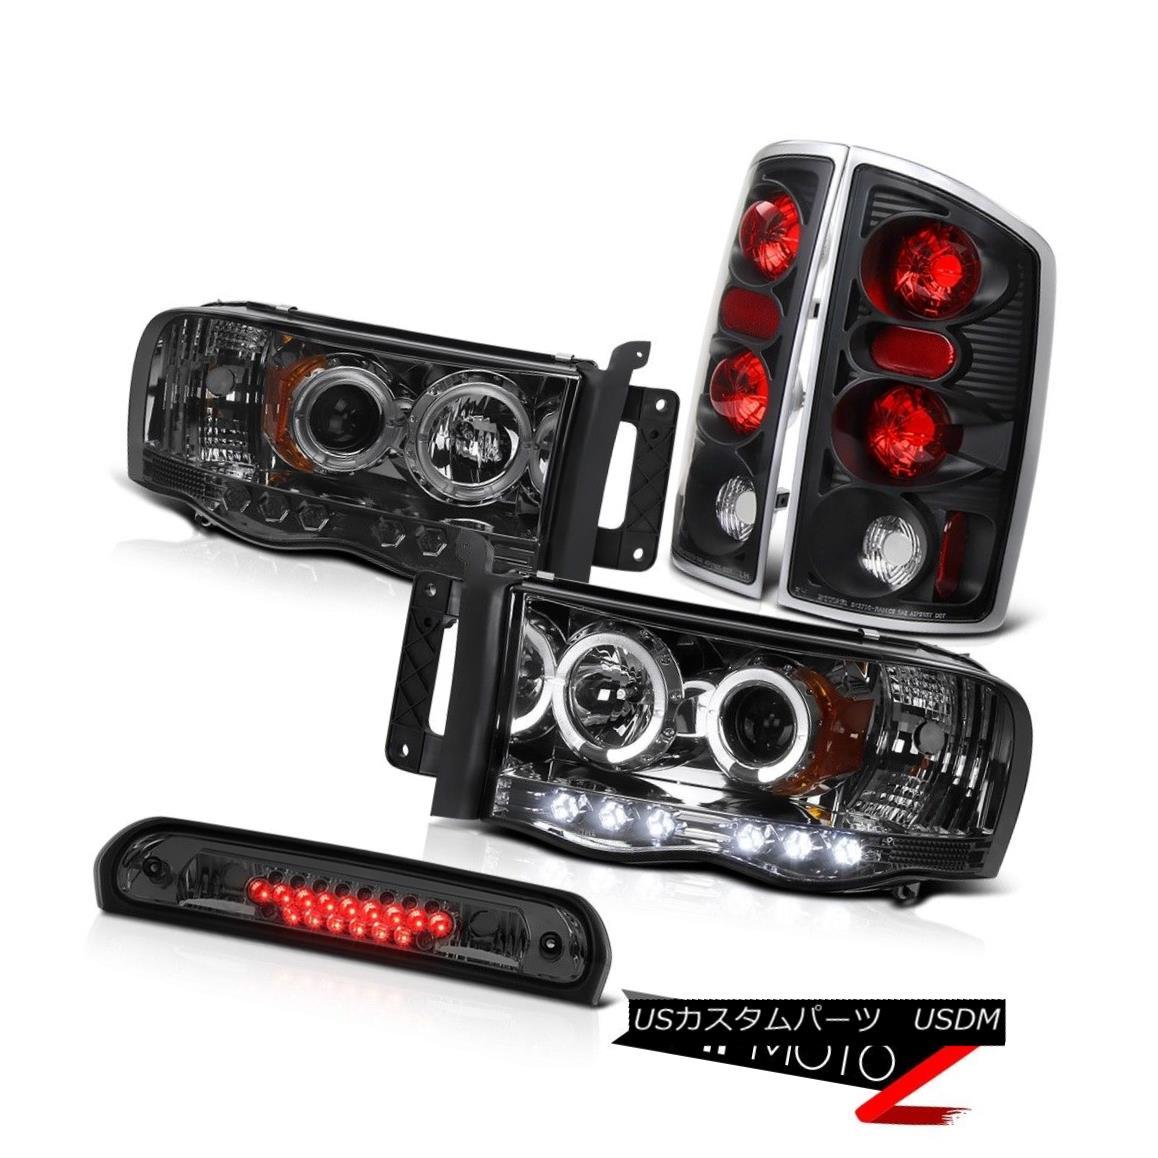 テールライト Smoke Headlights Rear Black Taillamps Roof Stop LED Tint 2002-2005 Ram Magnum V8 スモークヘッドライトリアブラックタイラーランプルーフストップLEDティント2002-2005ラムマグナムV8